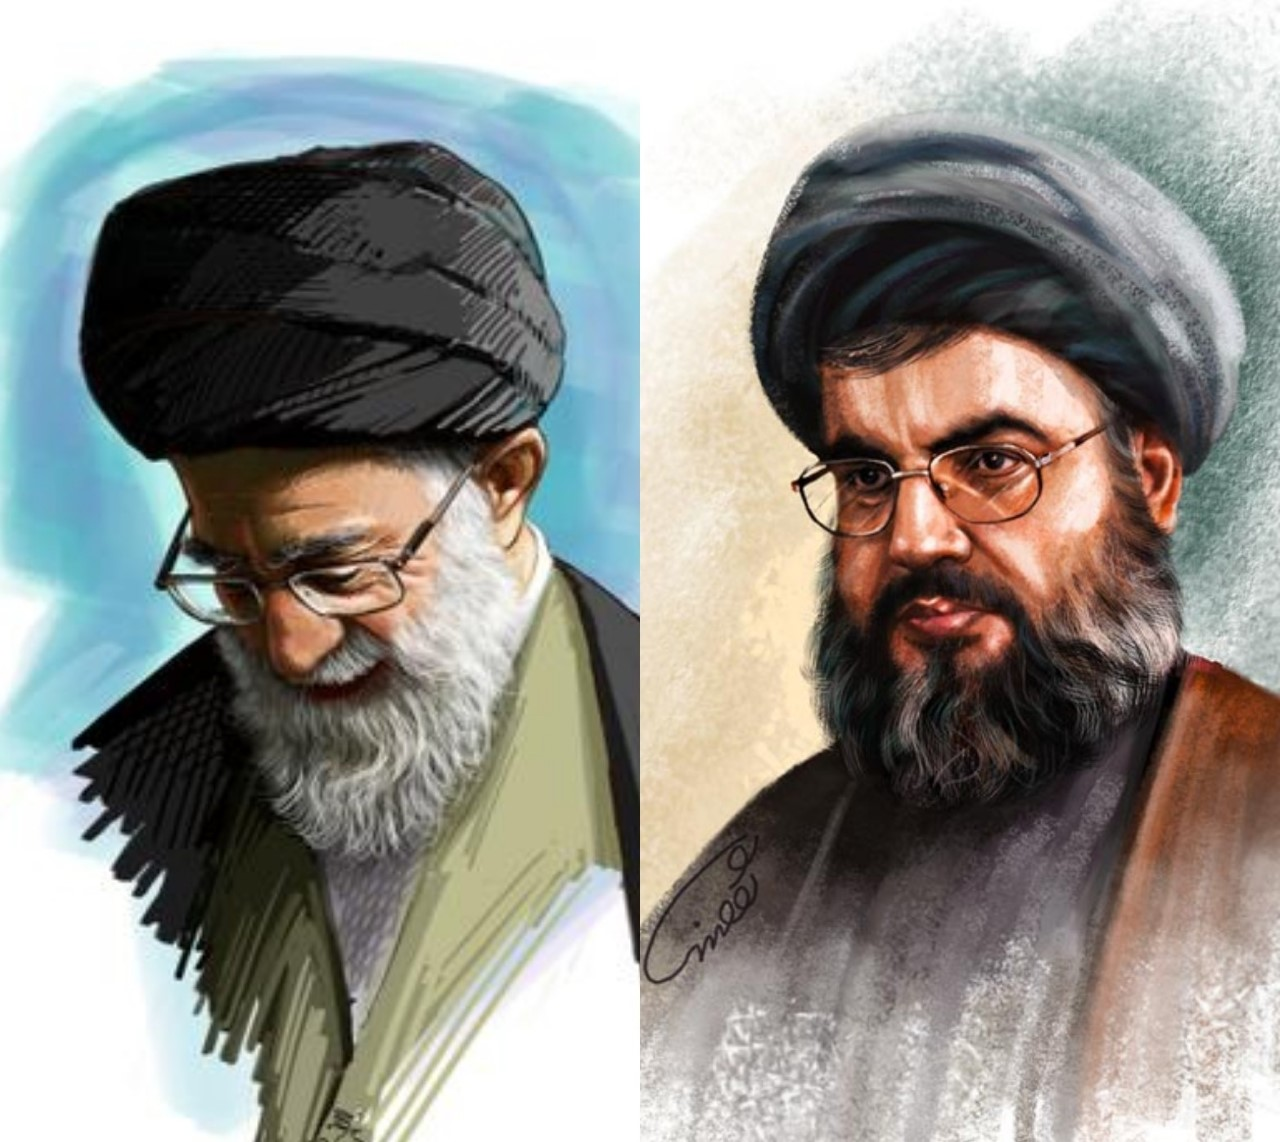 the-saker-interviews-aram-mirzaei-on-iran